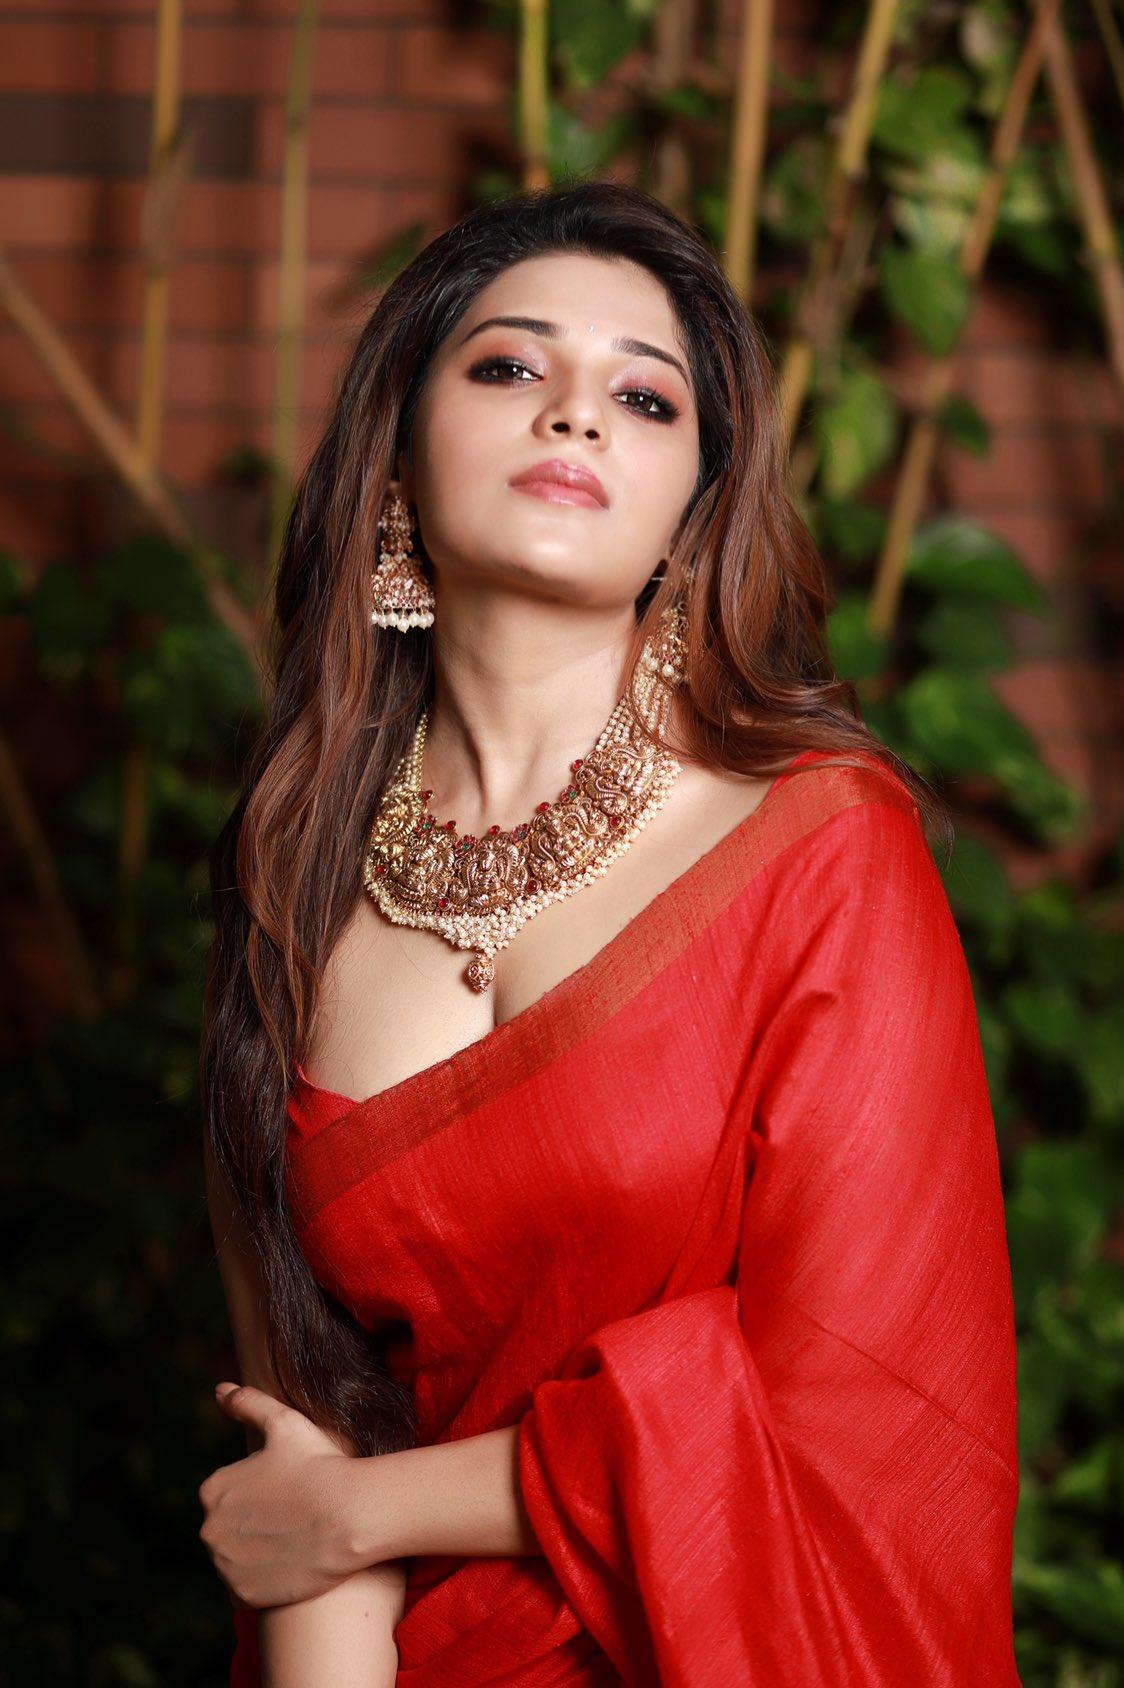 Actress Aathmika Latest Stills, Actress Aathmika sexy, Actress Aathmika cleavage, Actress Aathmika hot pics